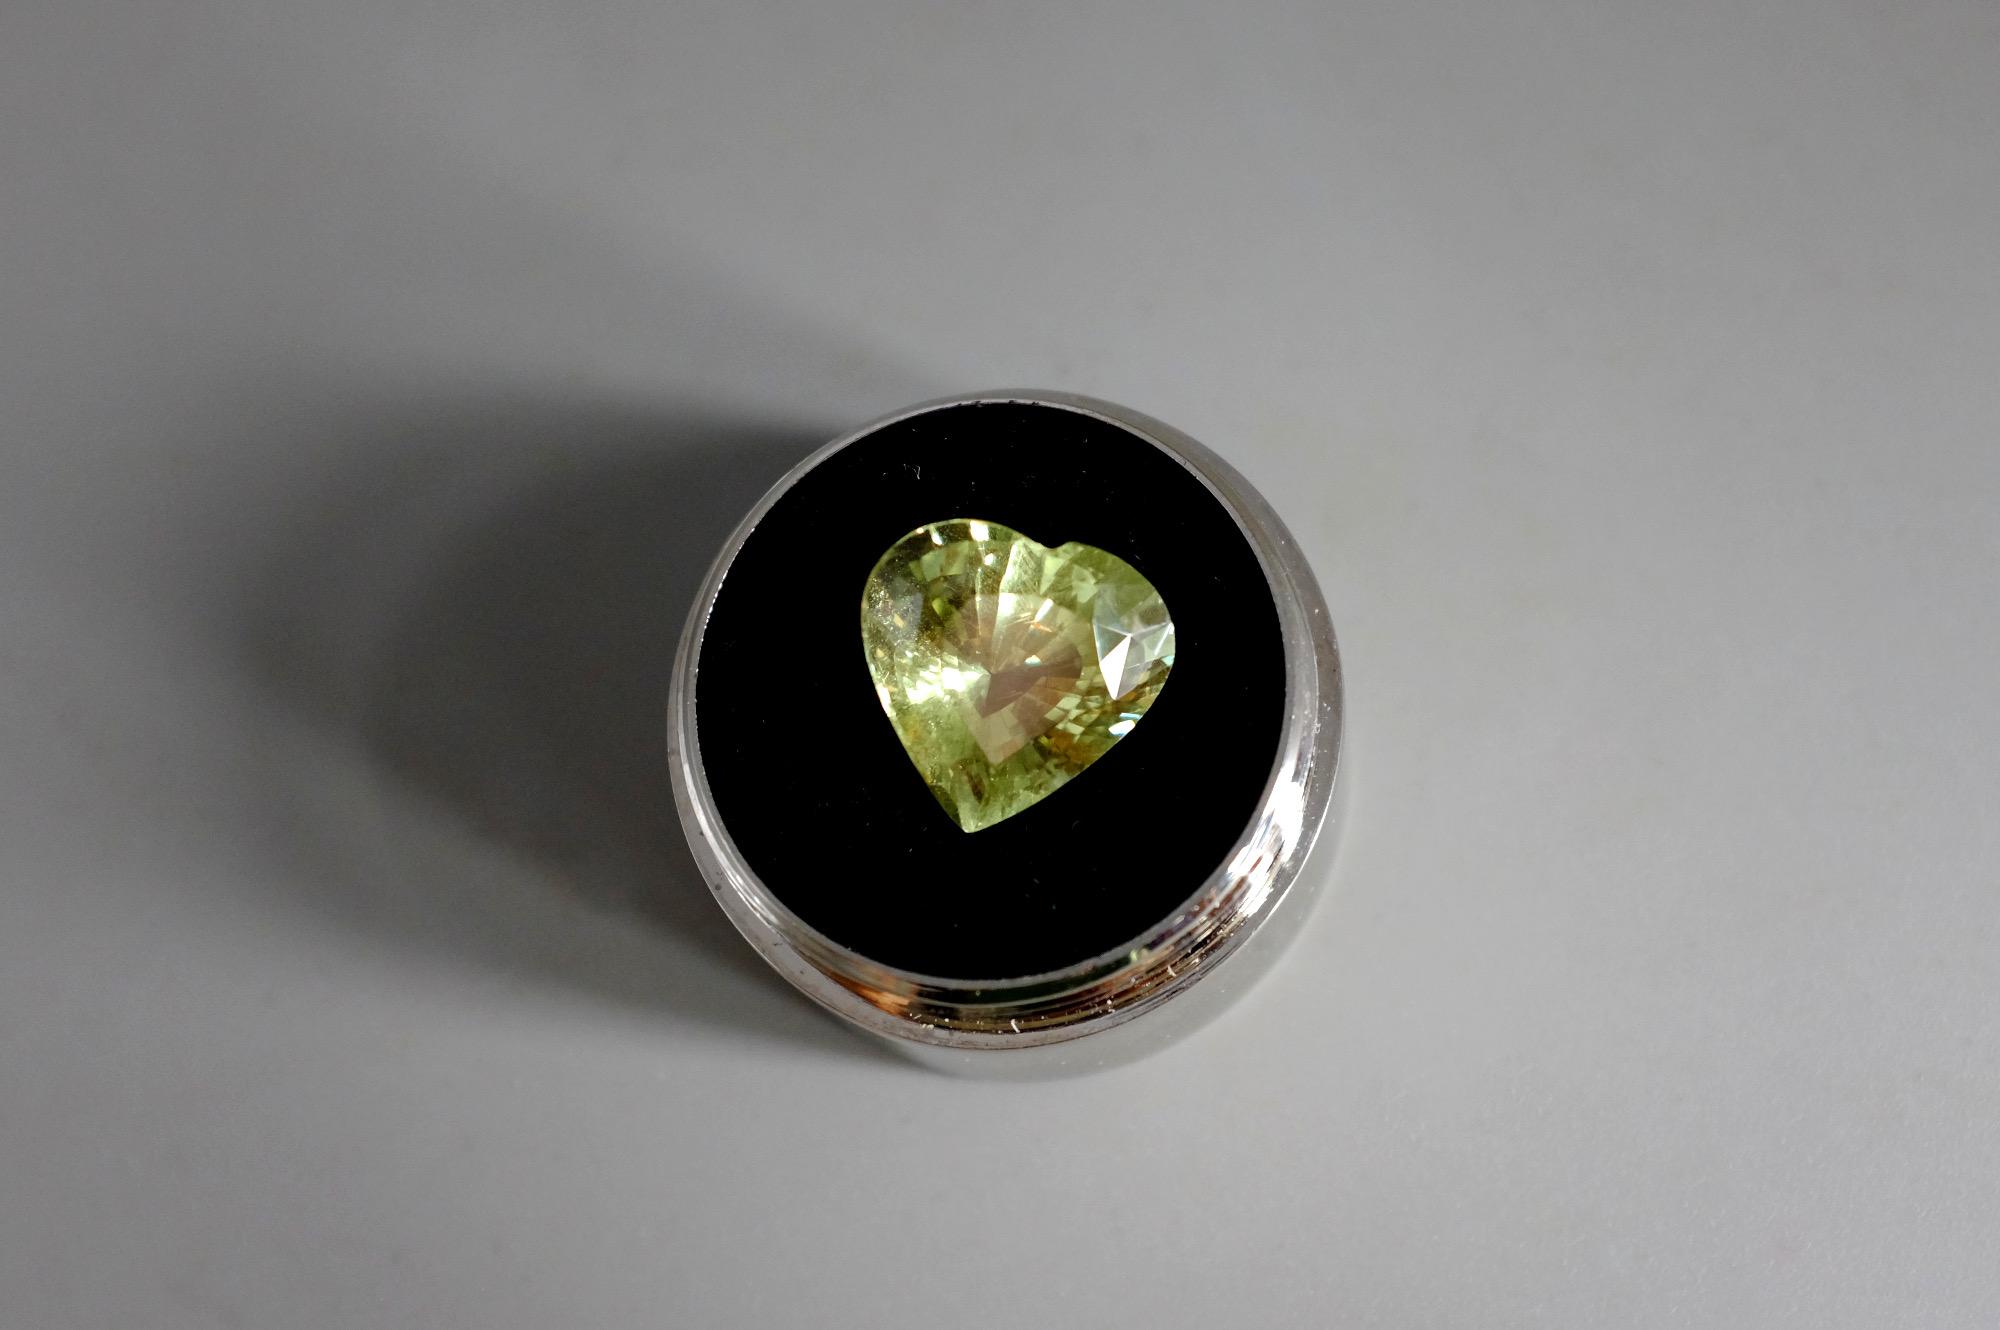 SIJS, mint green grossular garnet, green heart gemstone, grossular garnet gemstone meaning, green garnet gemstone, heart cut garnet, singapore rare gems, rare gems for sale